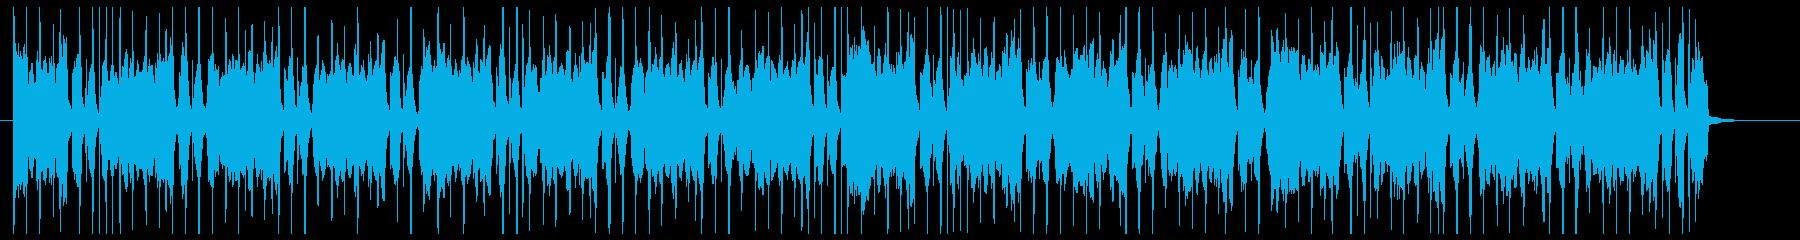 チェロが主体のスタイリッシュなCM音楽の再生済みの波形